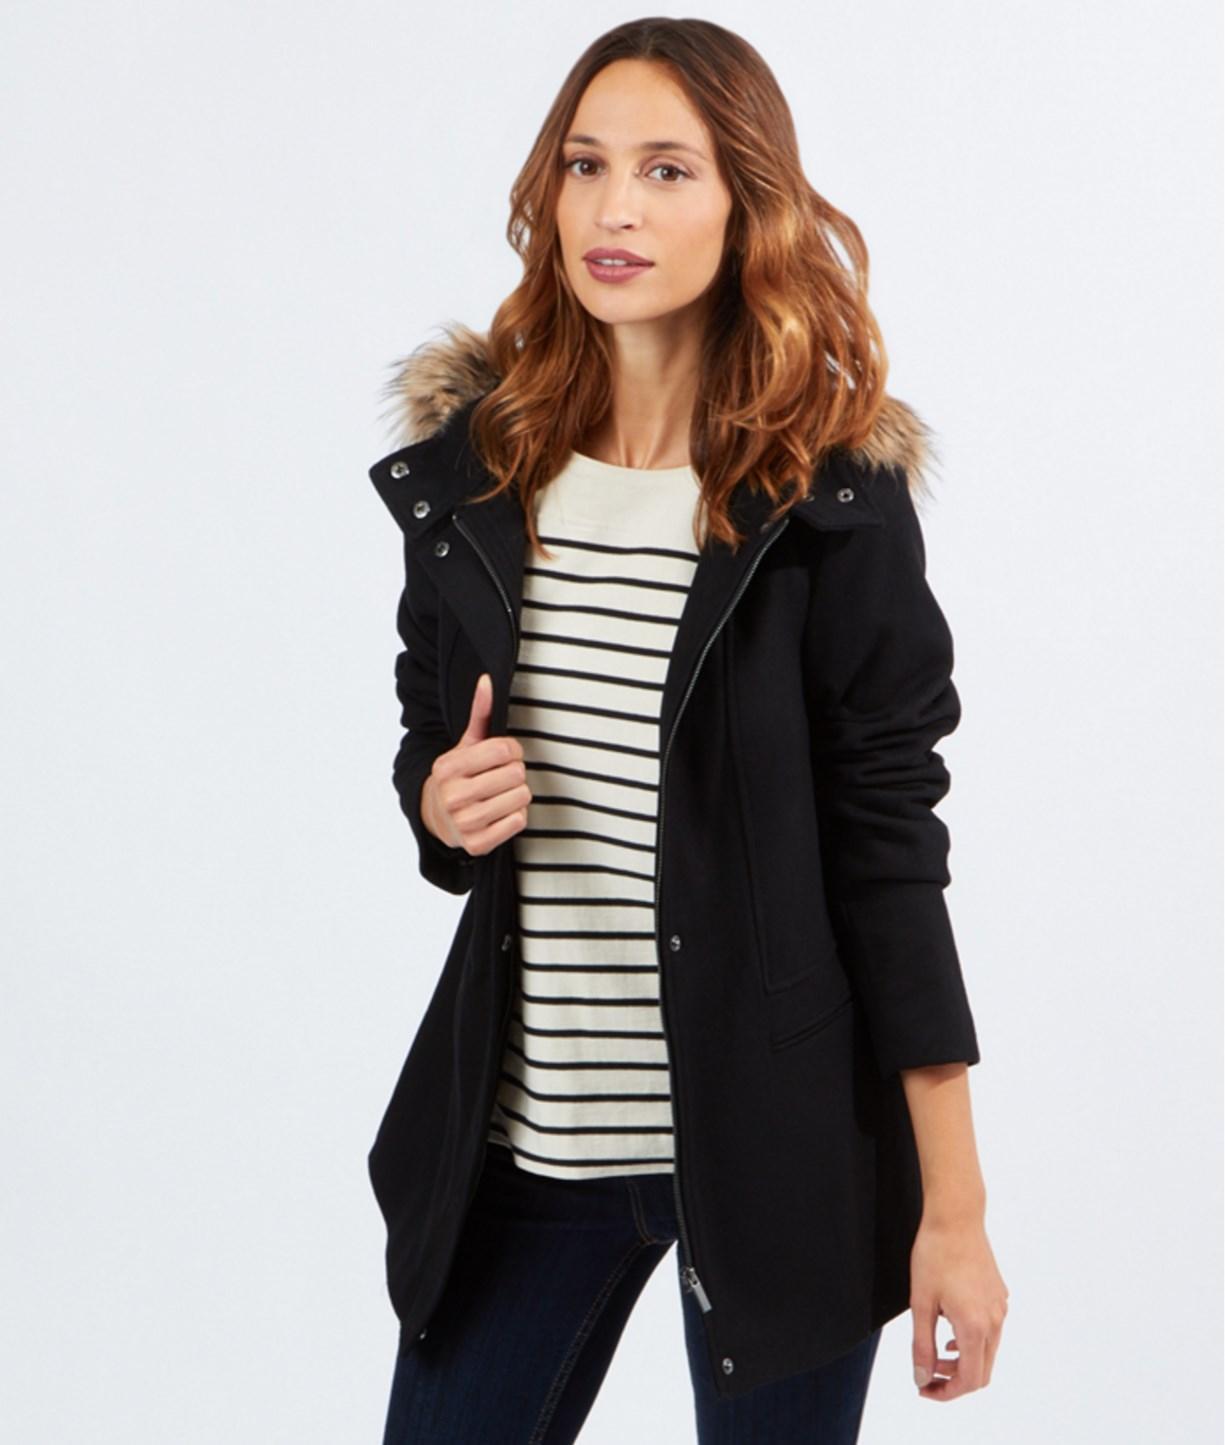 Jusqu'à 50% de réduction sur une sélection d'articles Lovely Week  - Ex : Manteau Femme en laine avec capuche